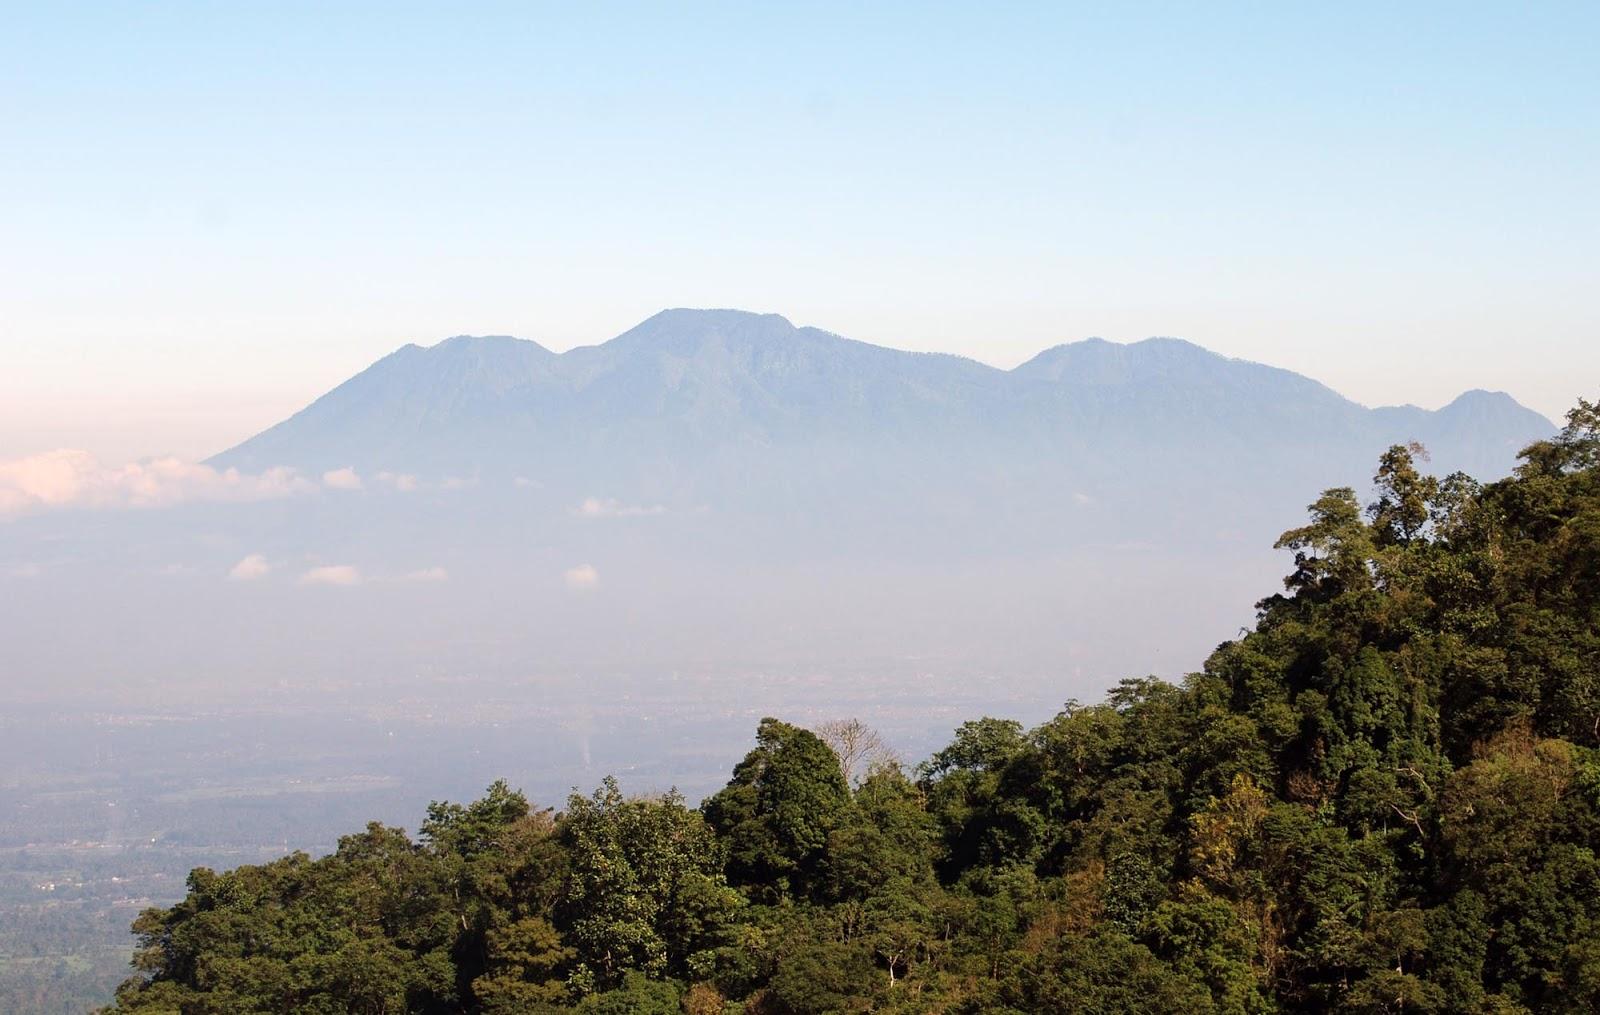 Penduduk Malang Tolak Pembuatan Film Horor Gunung Kawi Batikimono